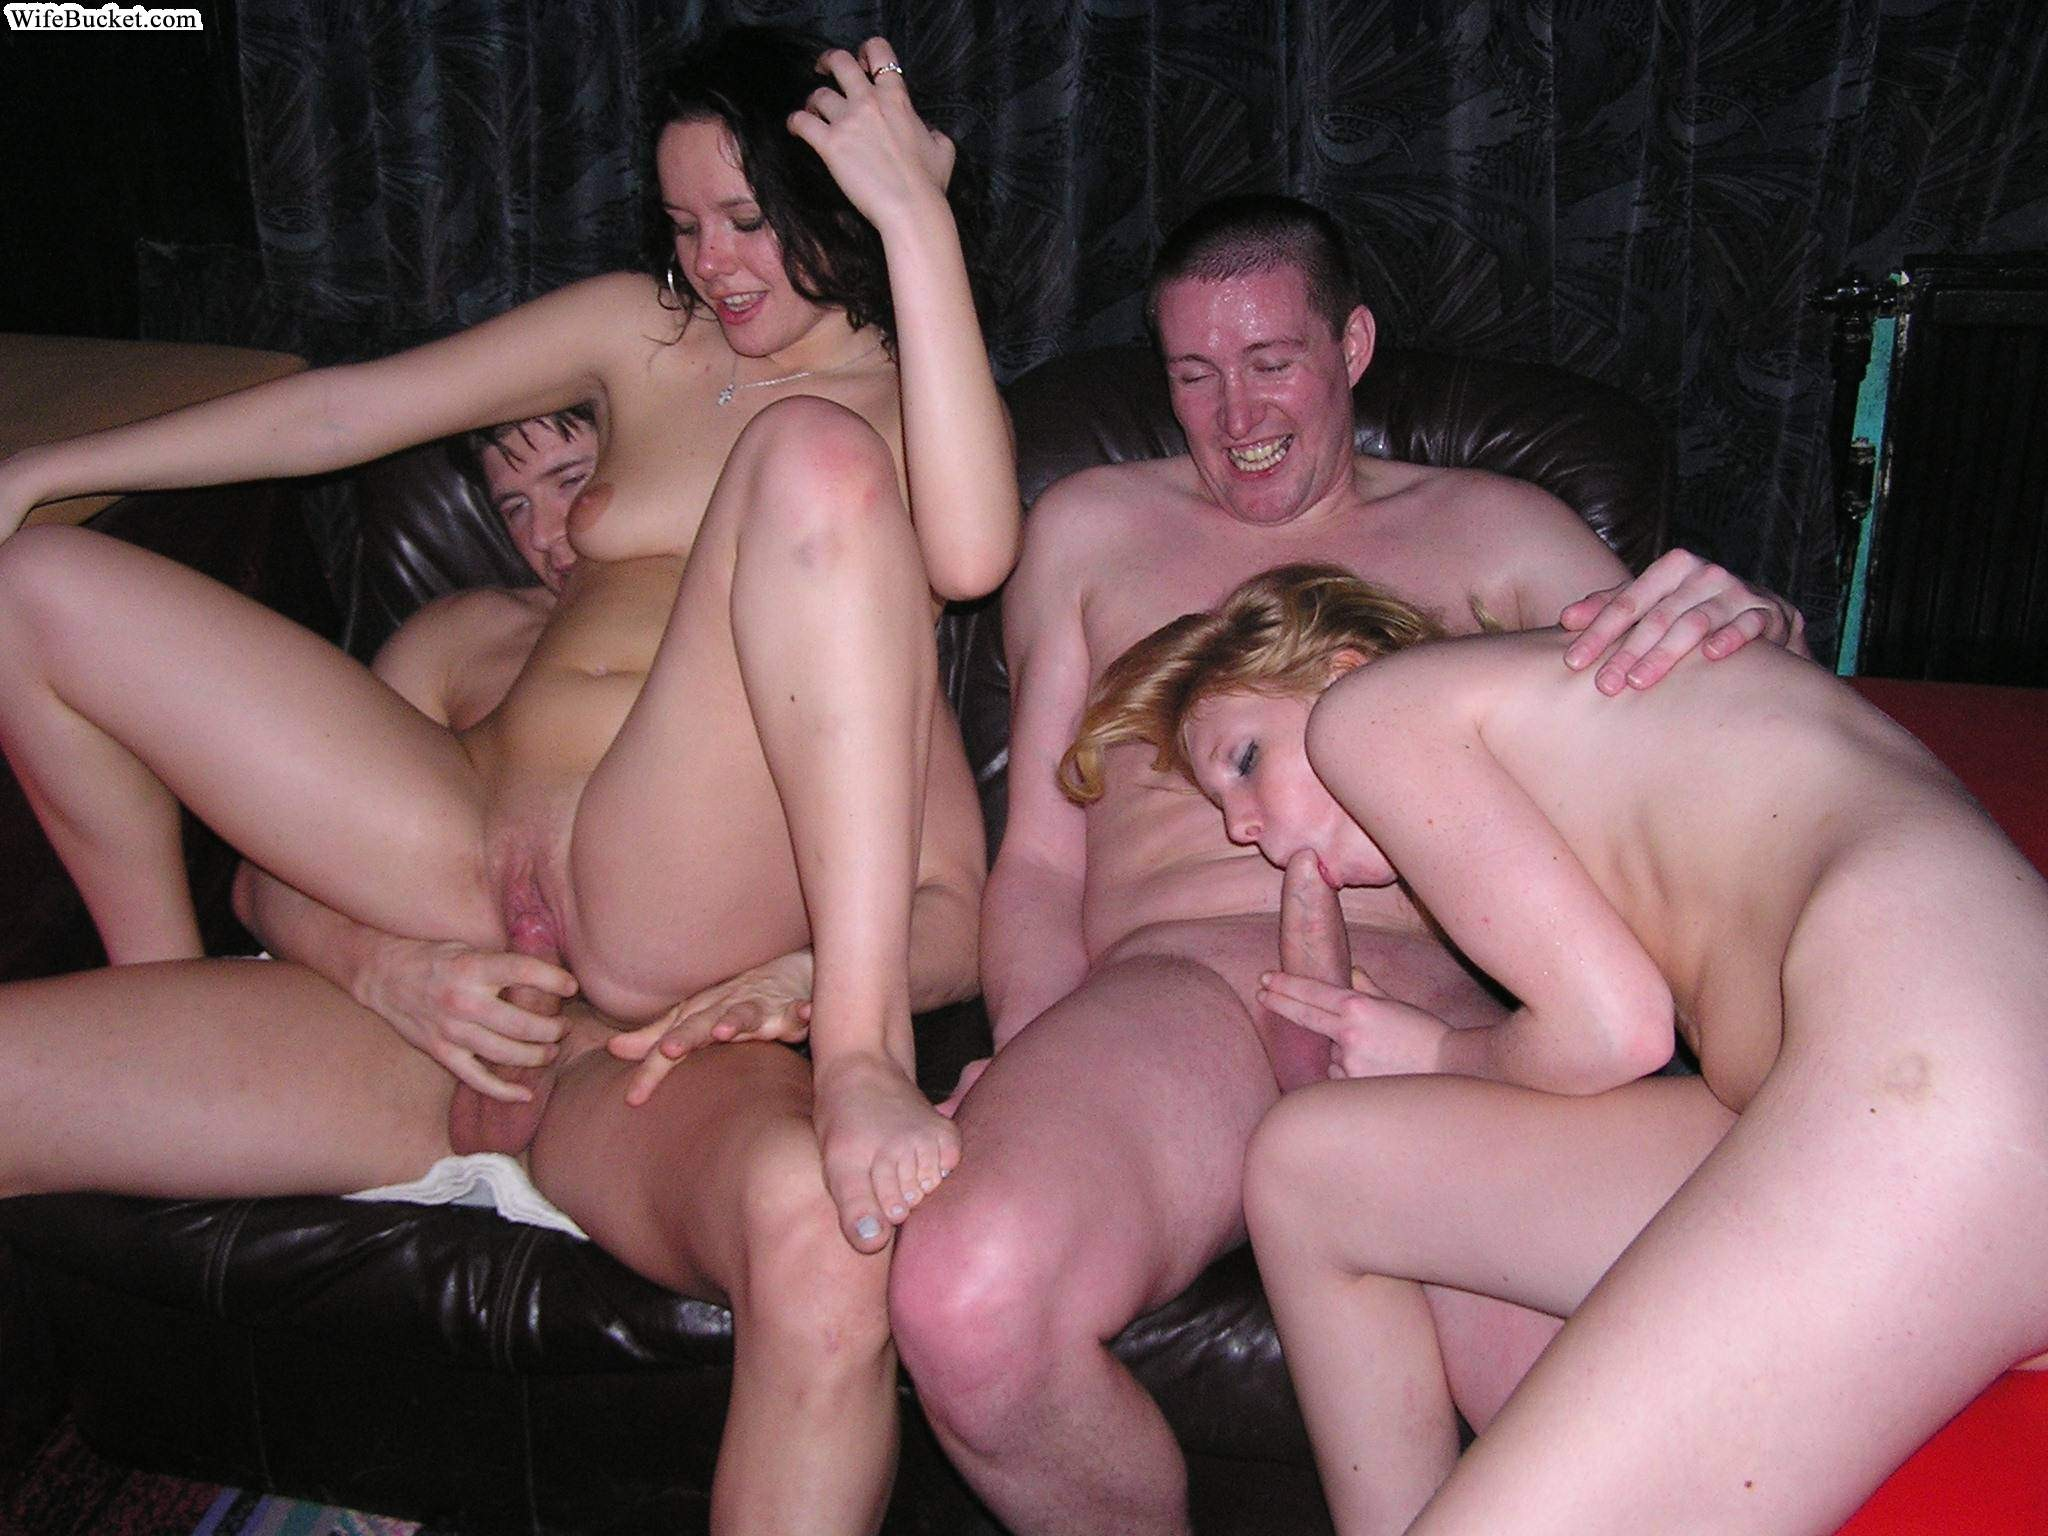 Частные съёмки секса онлайн